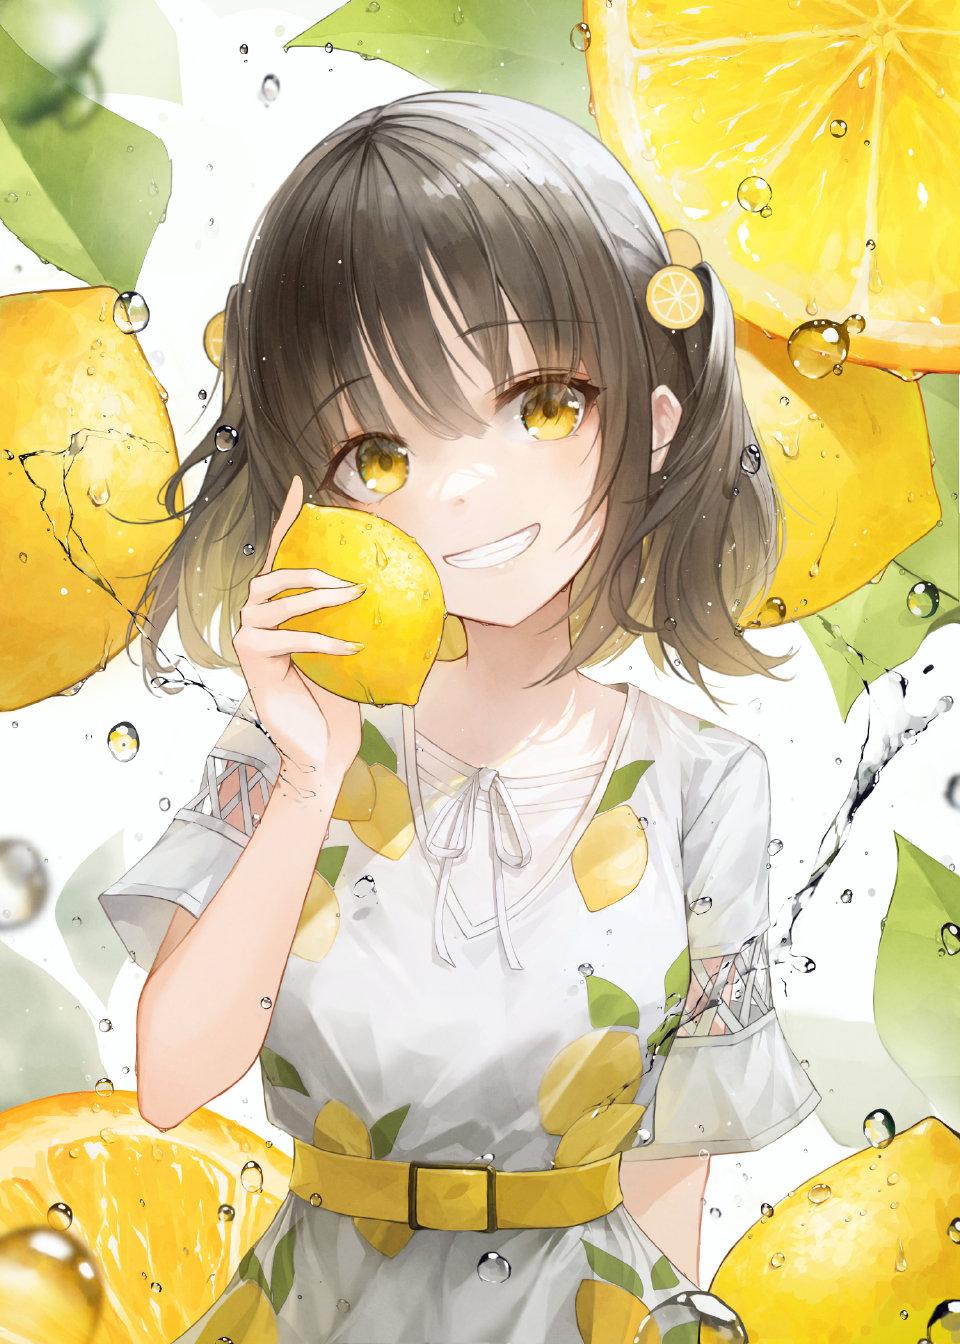 畫師繪制「水果味美少女」,草莓少女很可愛,葡萄女孩很清純